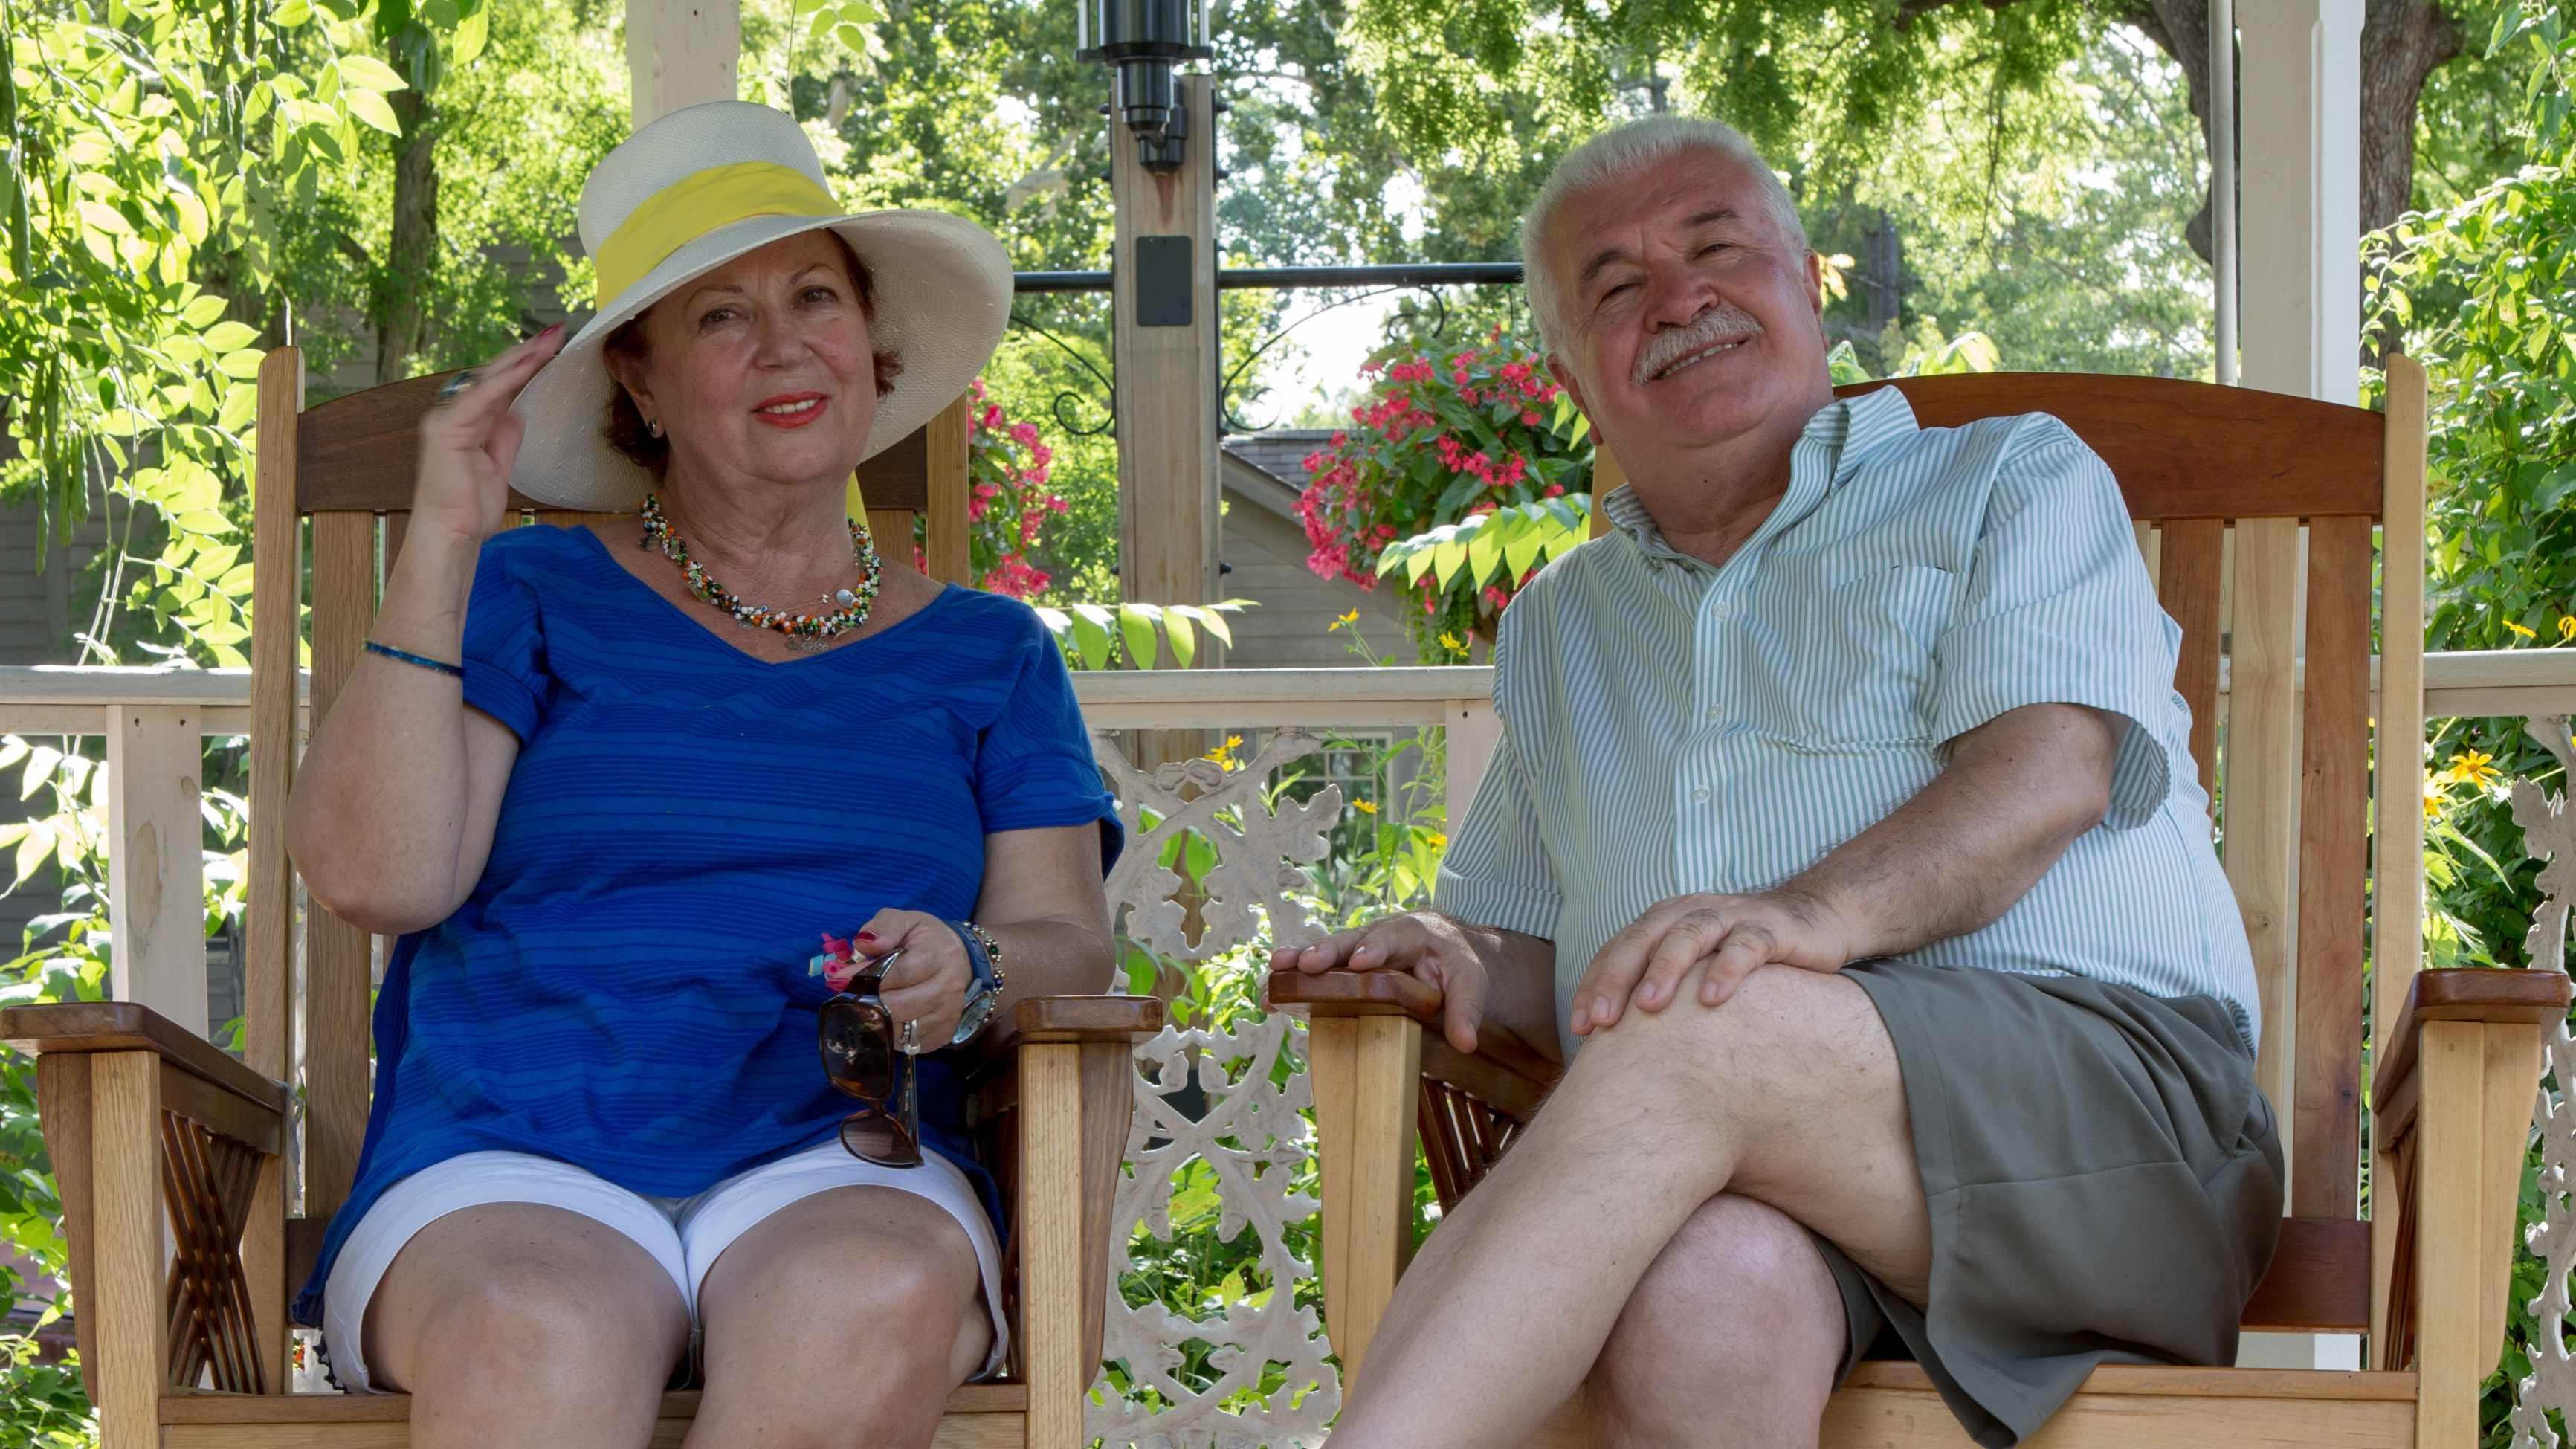 Un hombre y una mujer ancianos, sentados en una glorieta